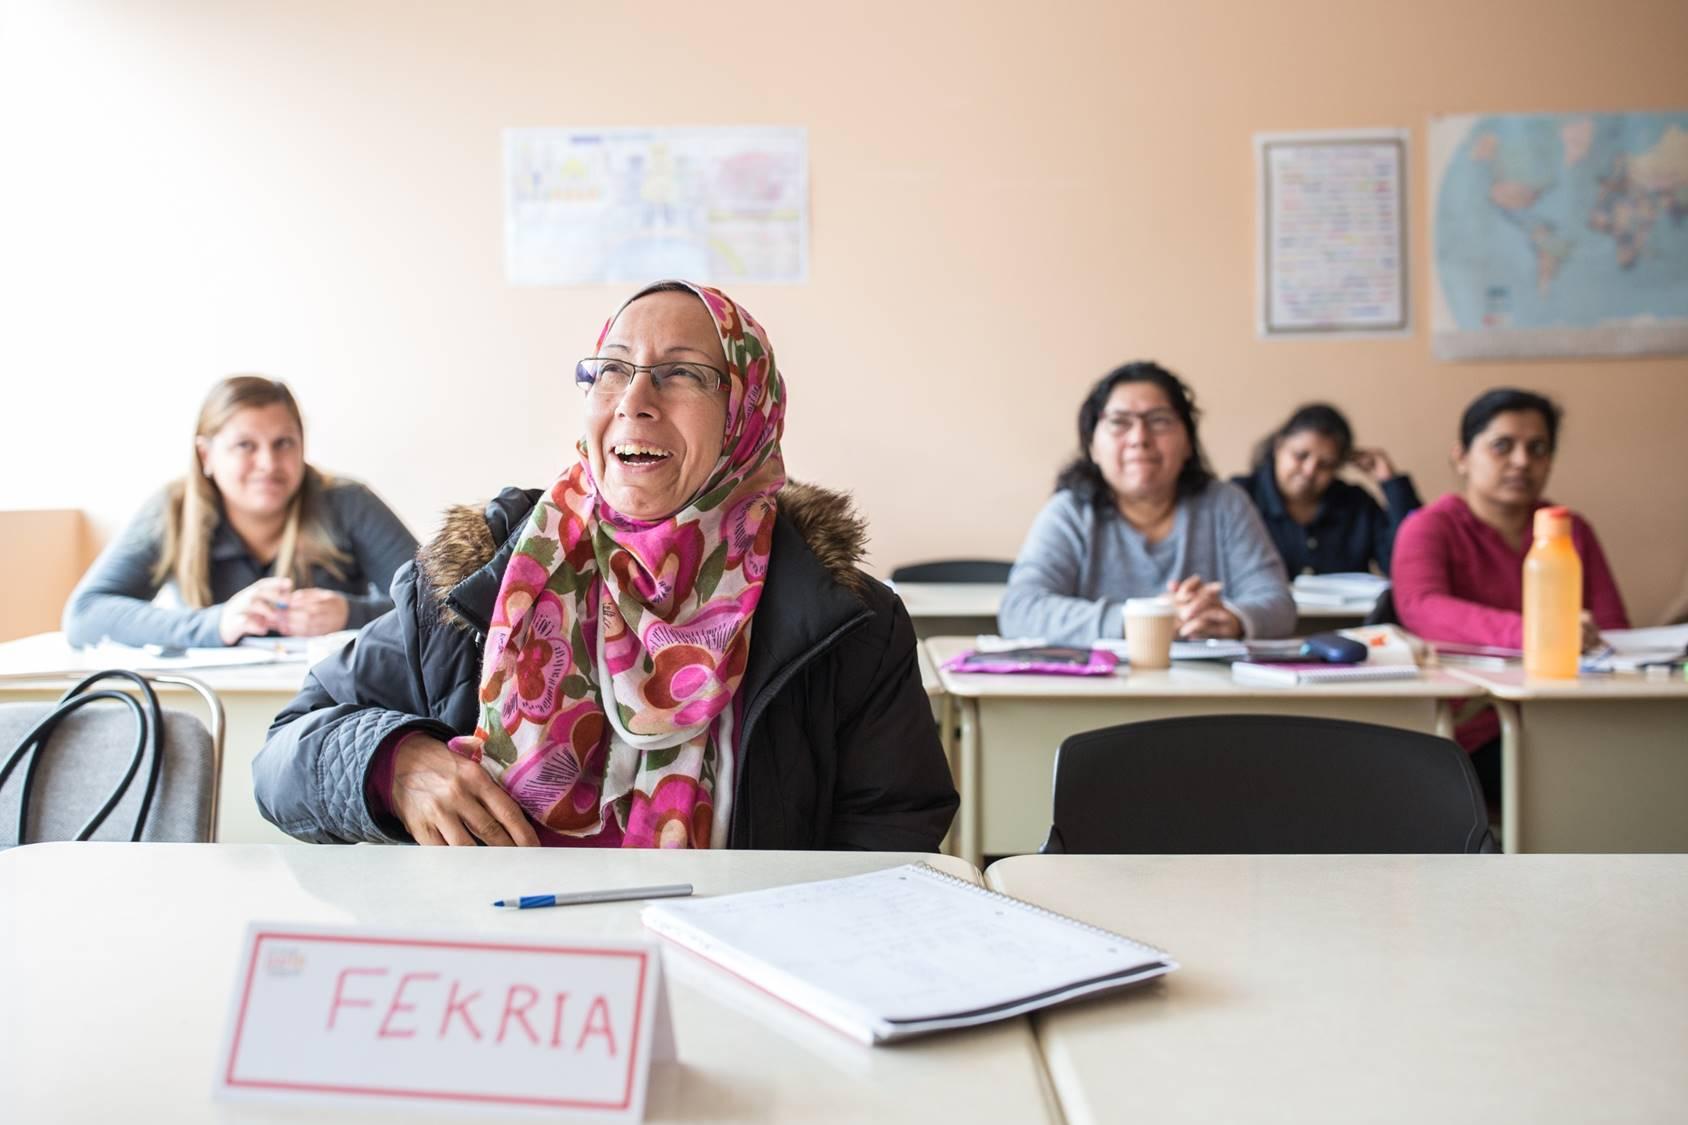 Cinq femmes sont assises à des tables dans une classe.